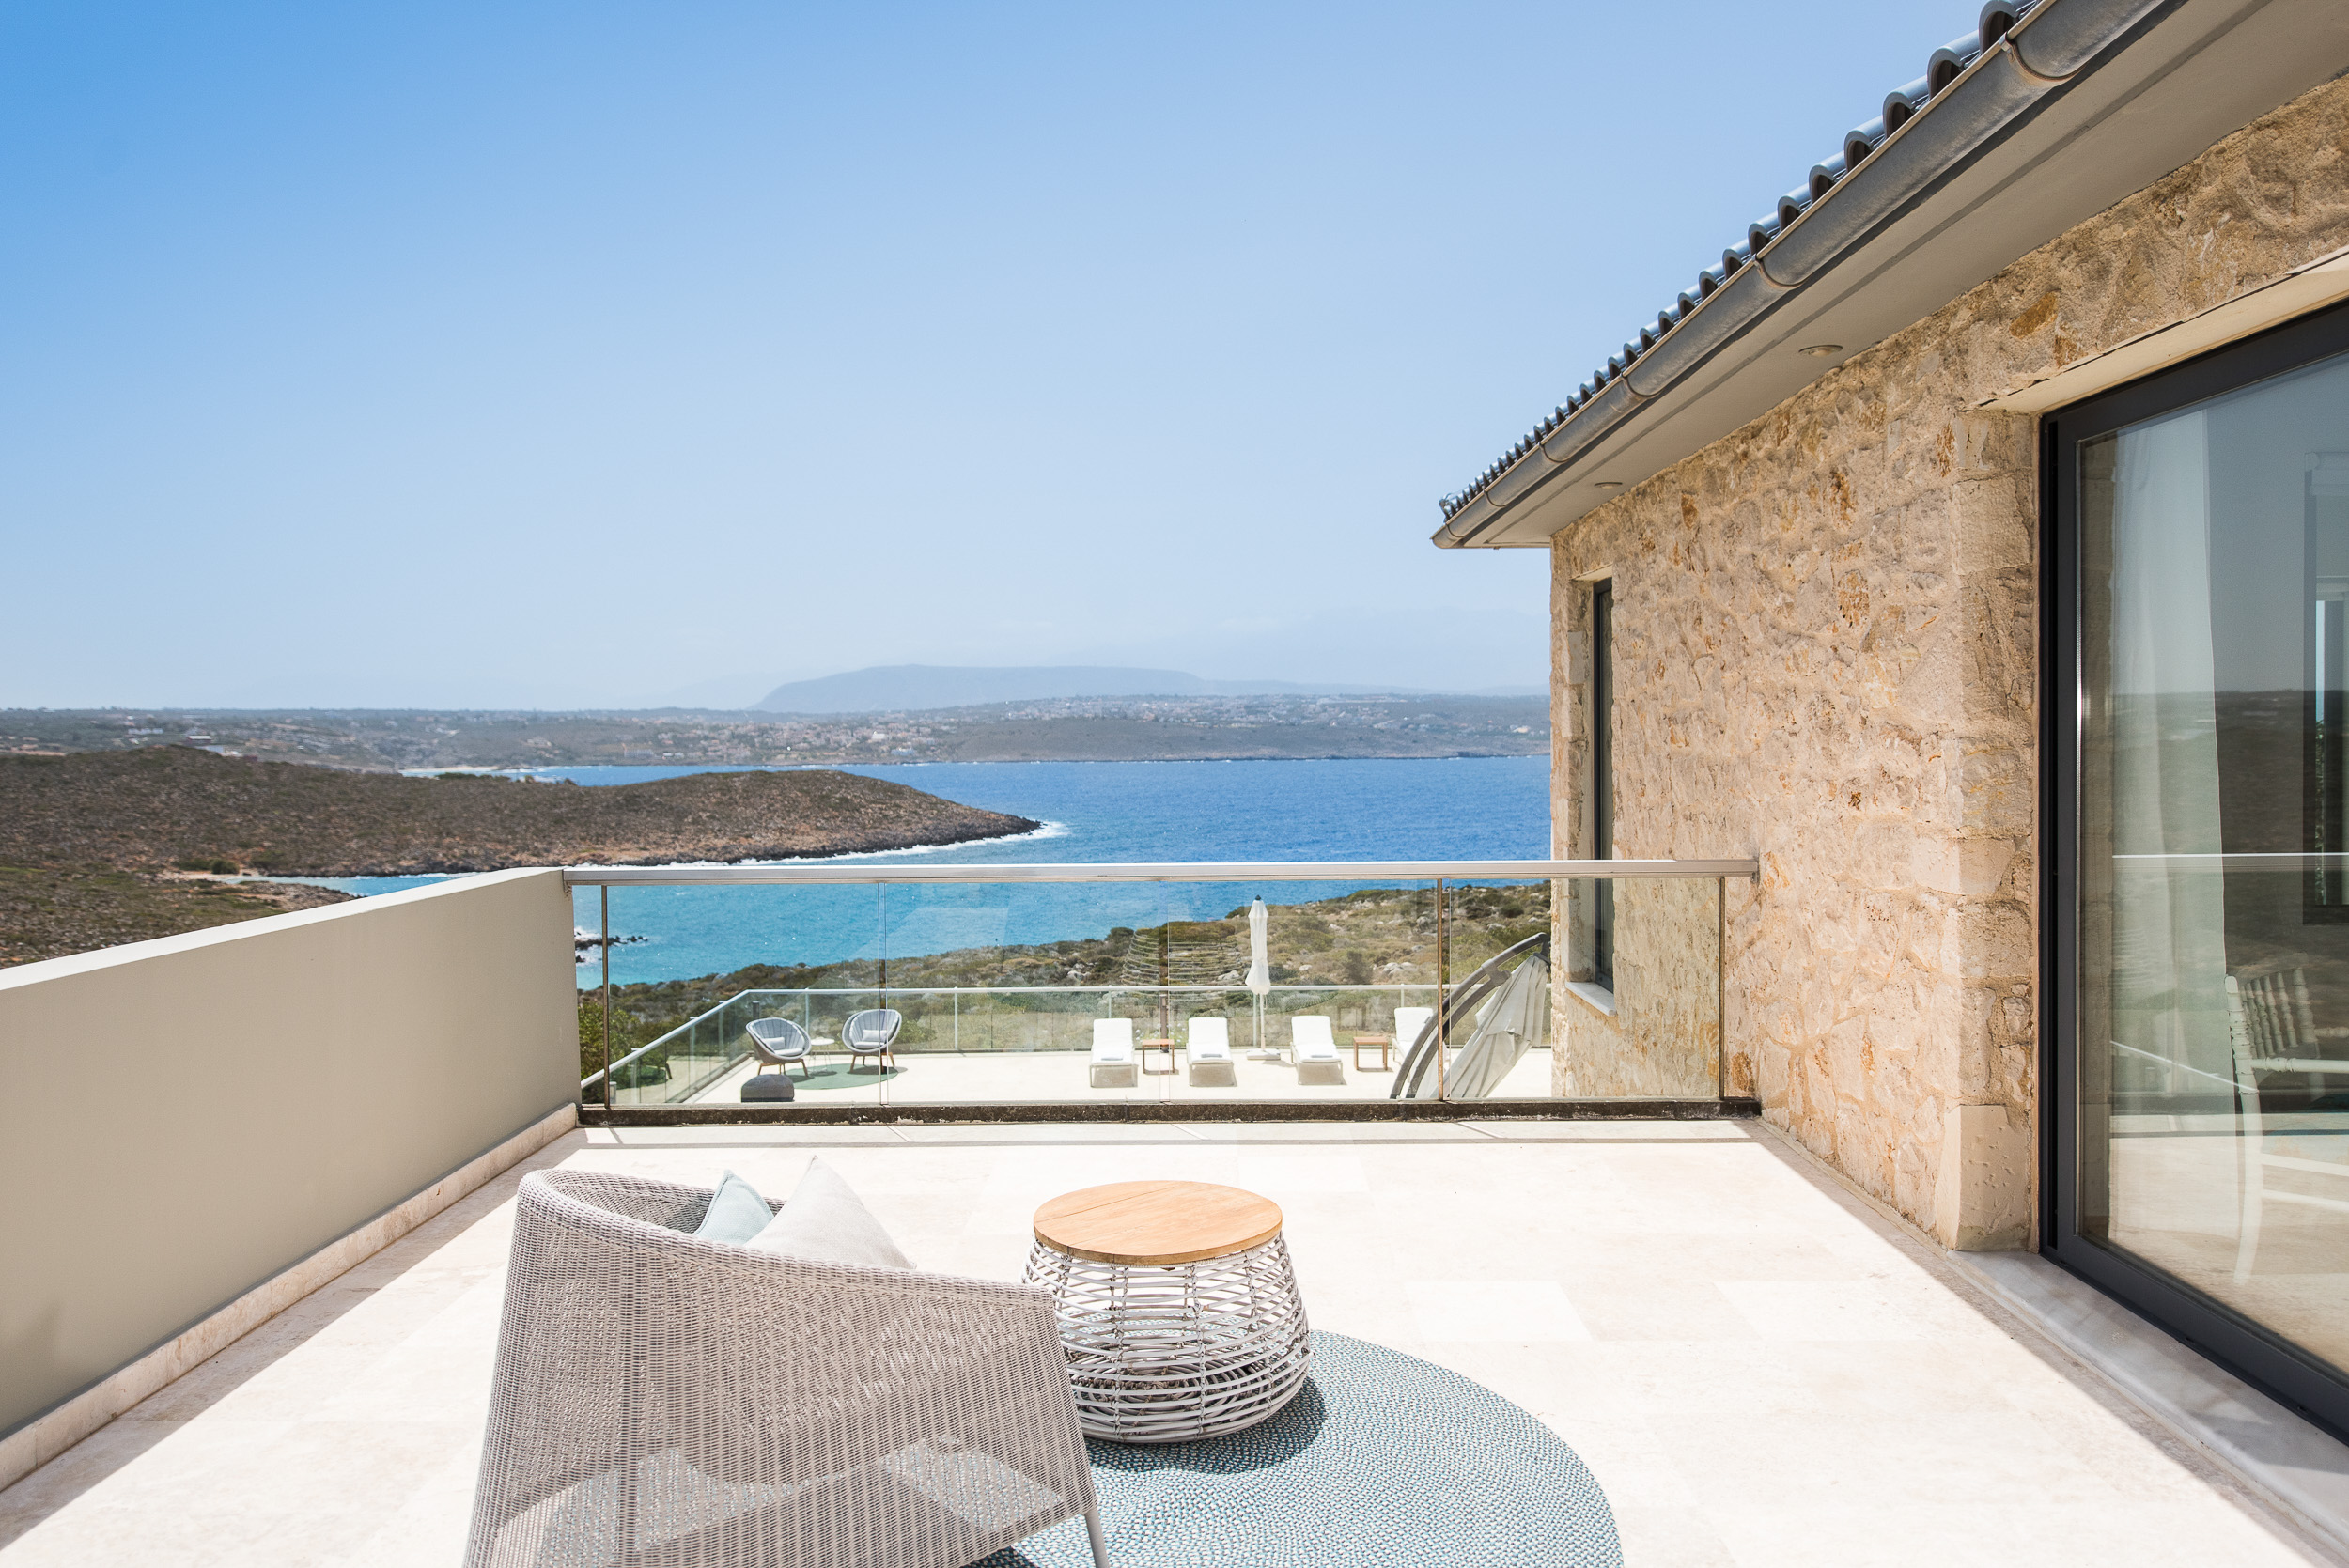 hotel for sale in crete akrotiri balcony view